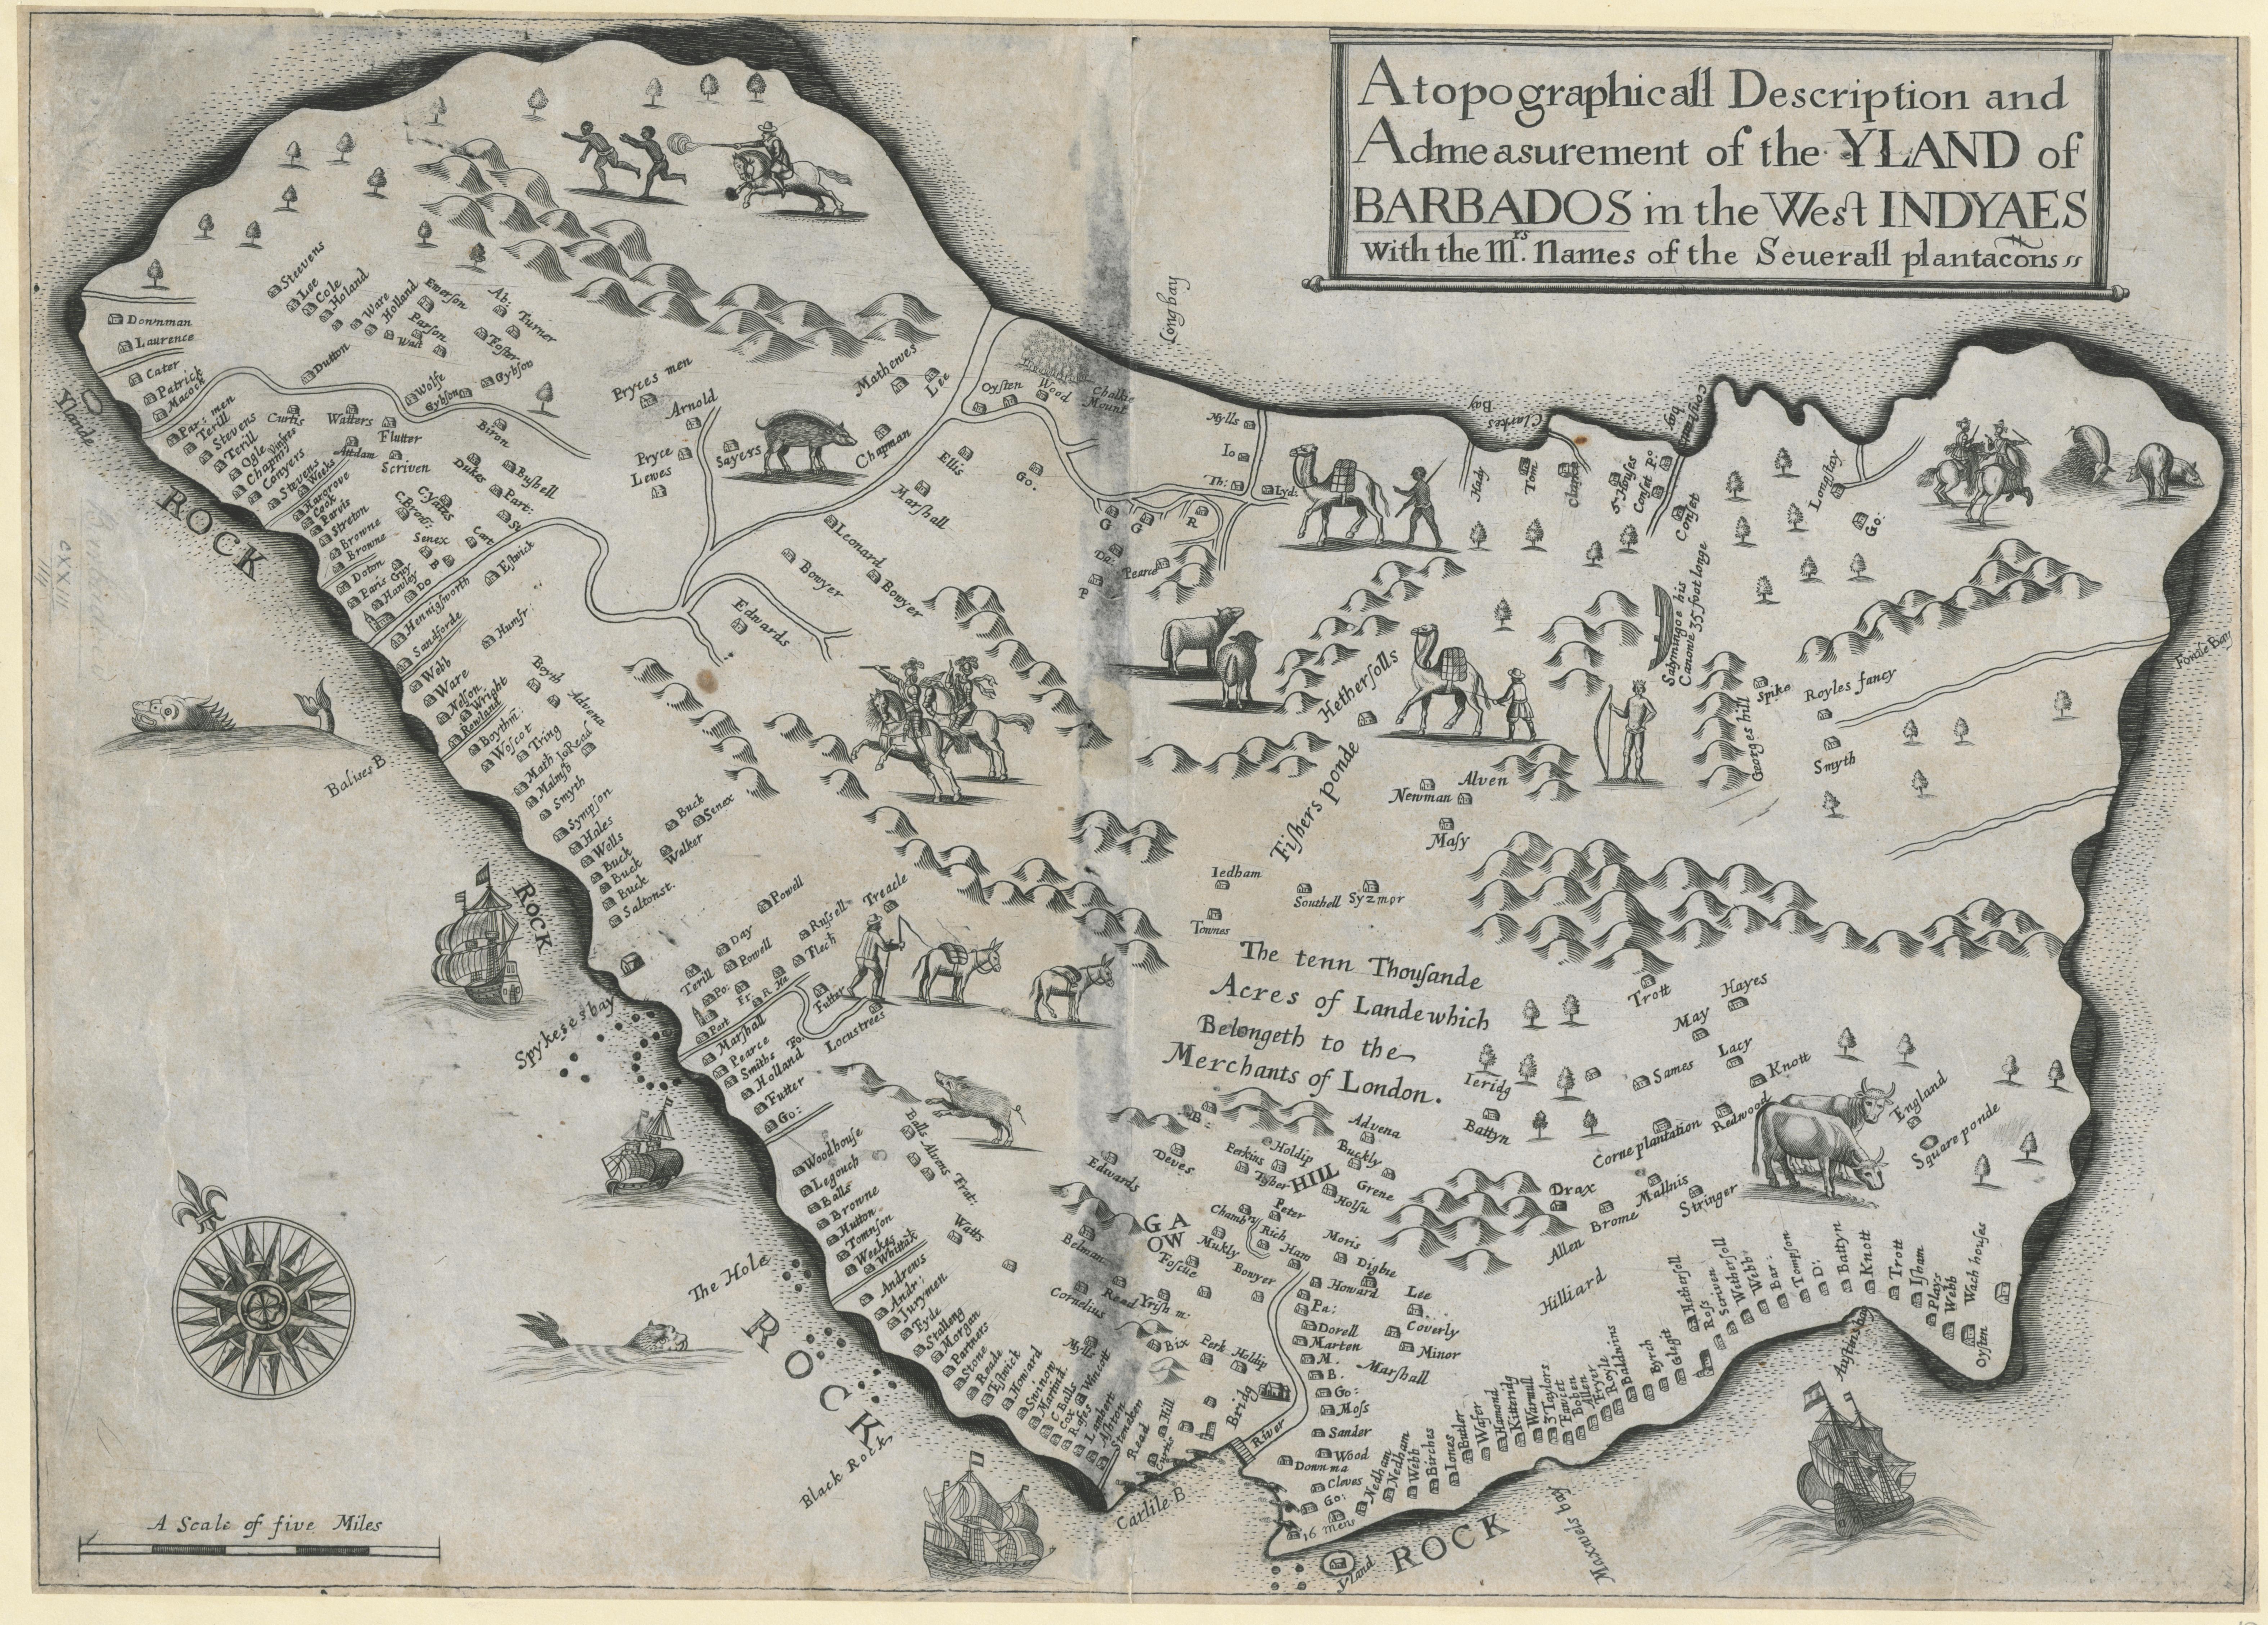 Richard Ligon's Map of Barbados